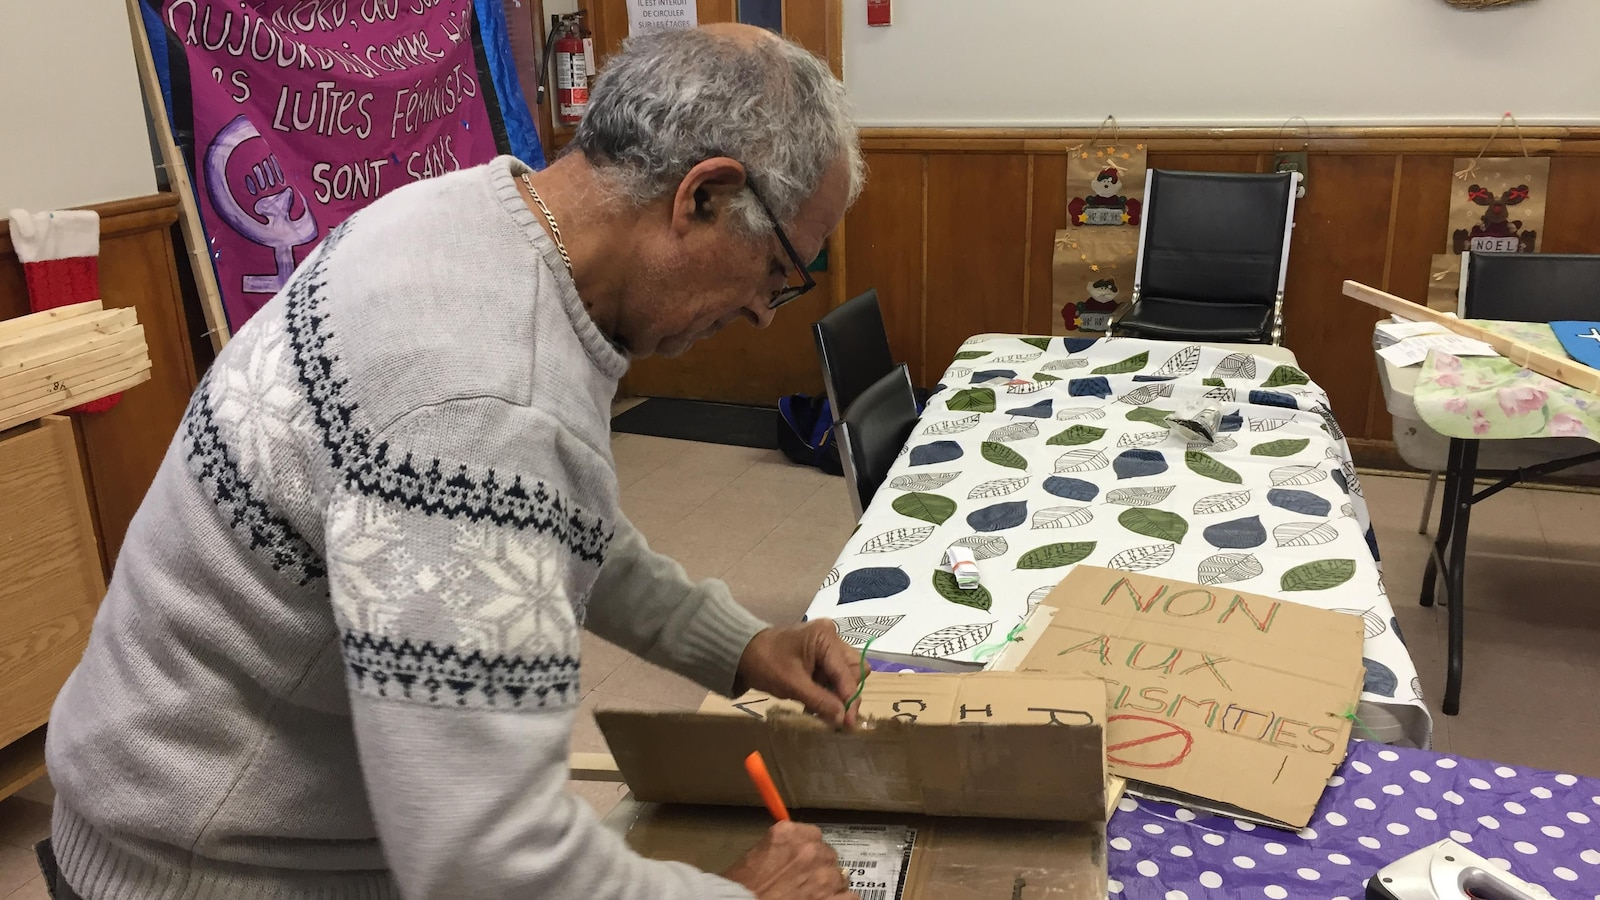 Un homme écrit sur une pancarte en carton